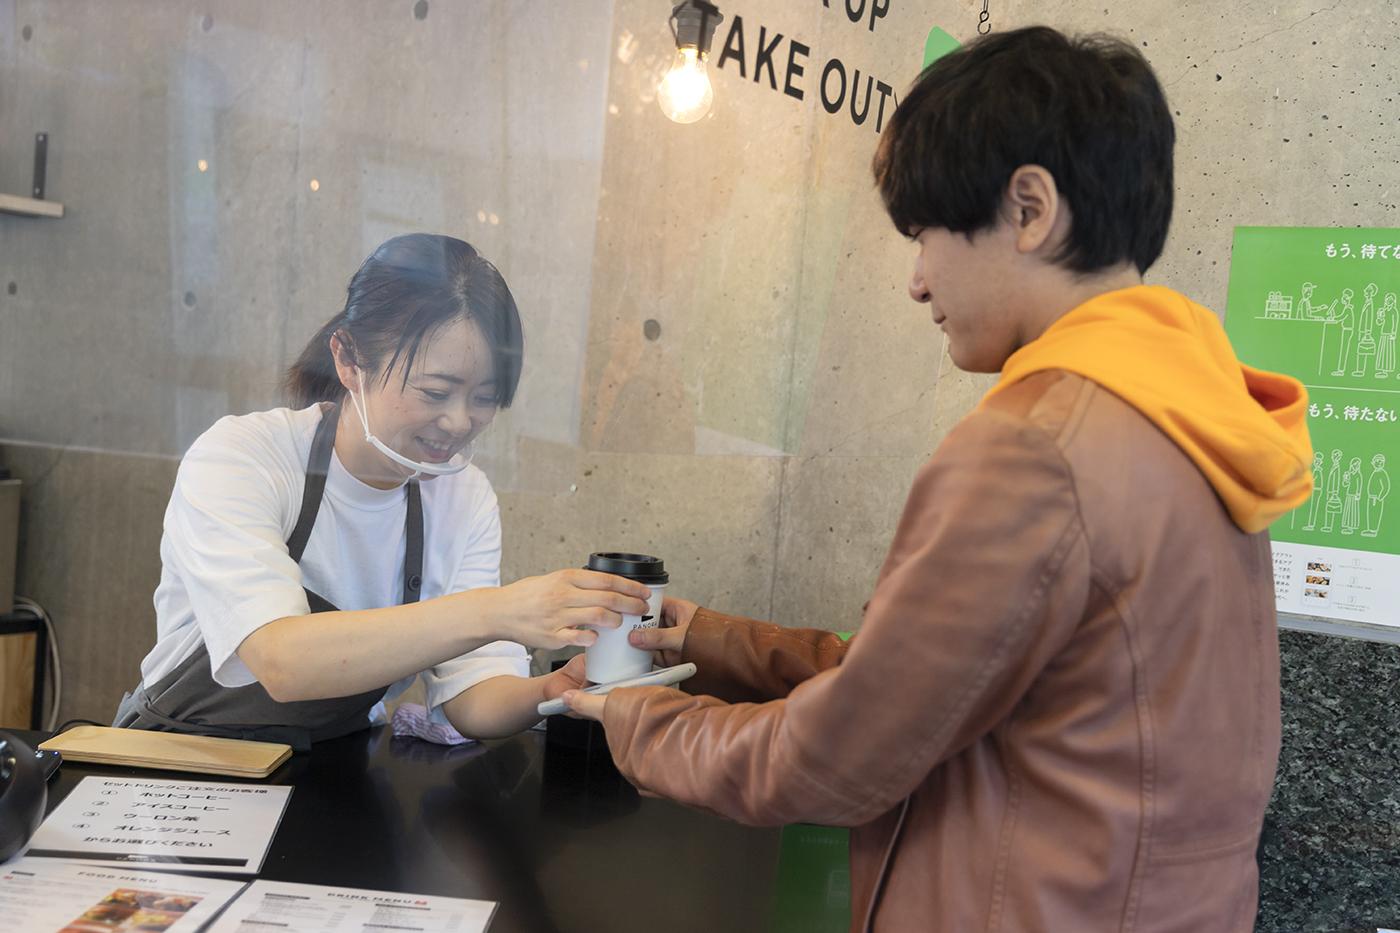 宮城県図書館に入るカフェ「PANORA」で注文品を受け取る様子